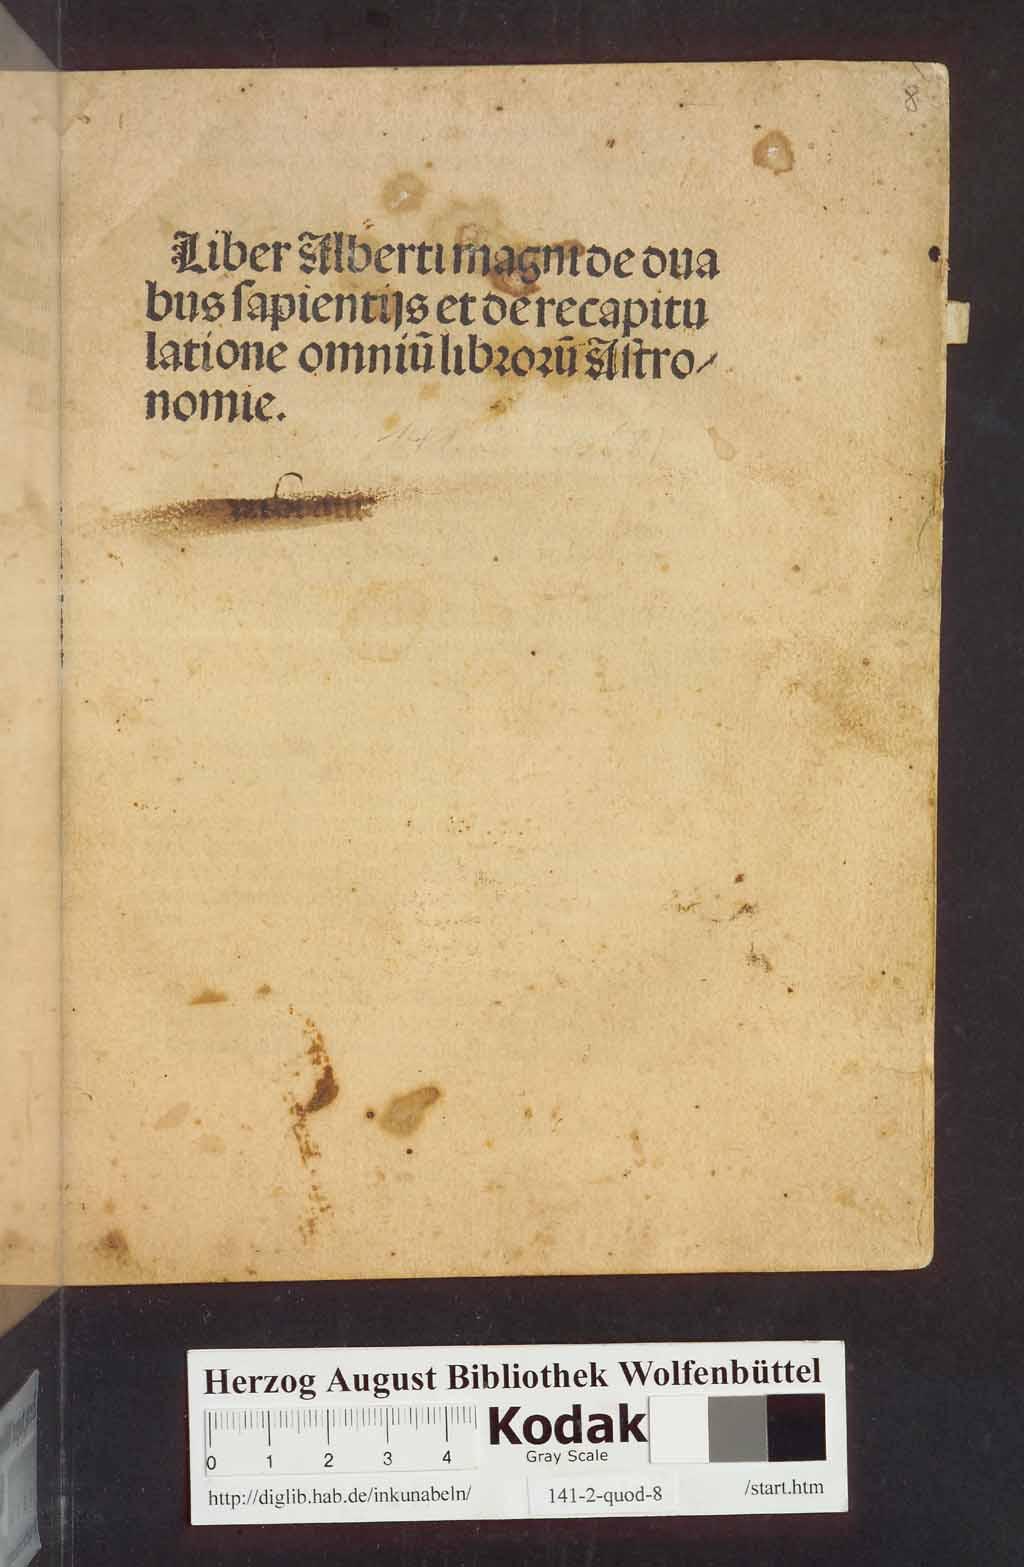 http://diglib.hab.de/inkunabeln/141-2-quod-8/00001.jpg